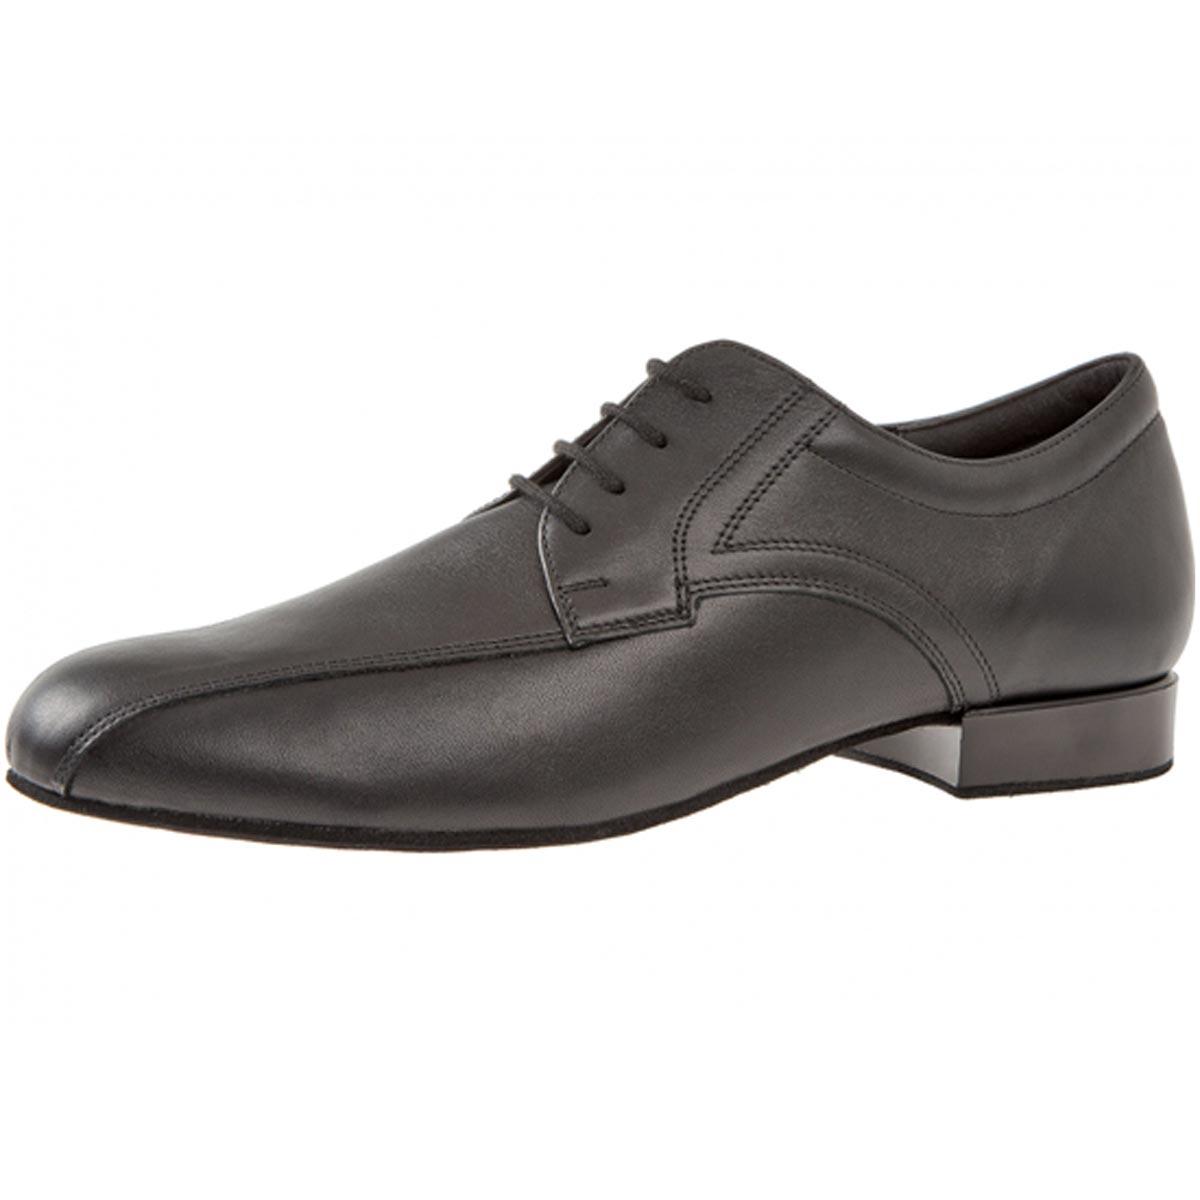 Diamant - Mens Dance Shoes 094-025-028